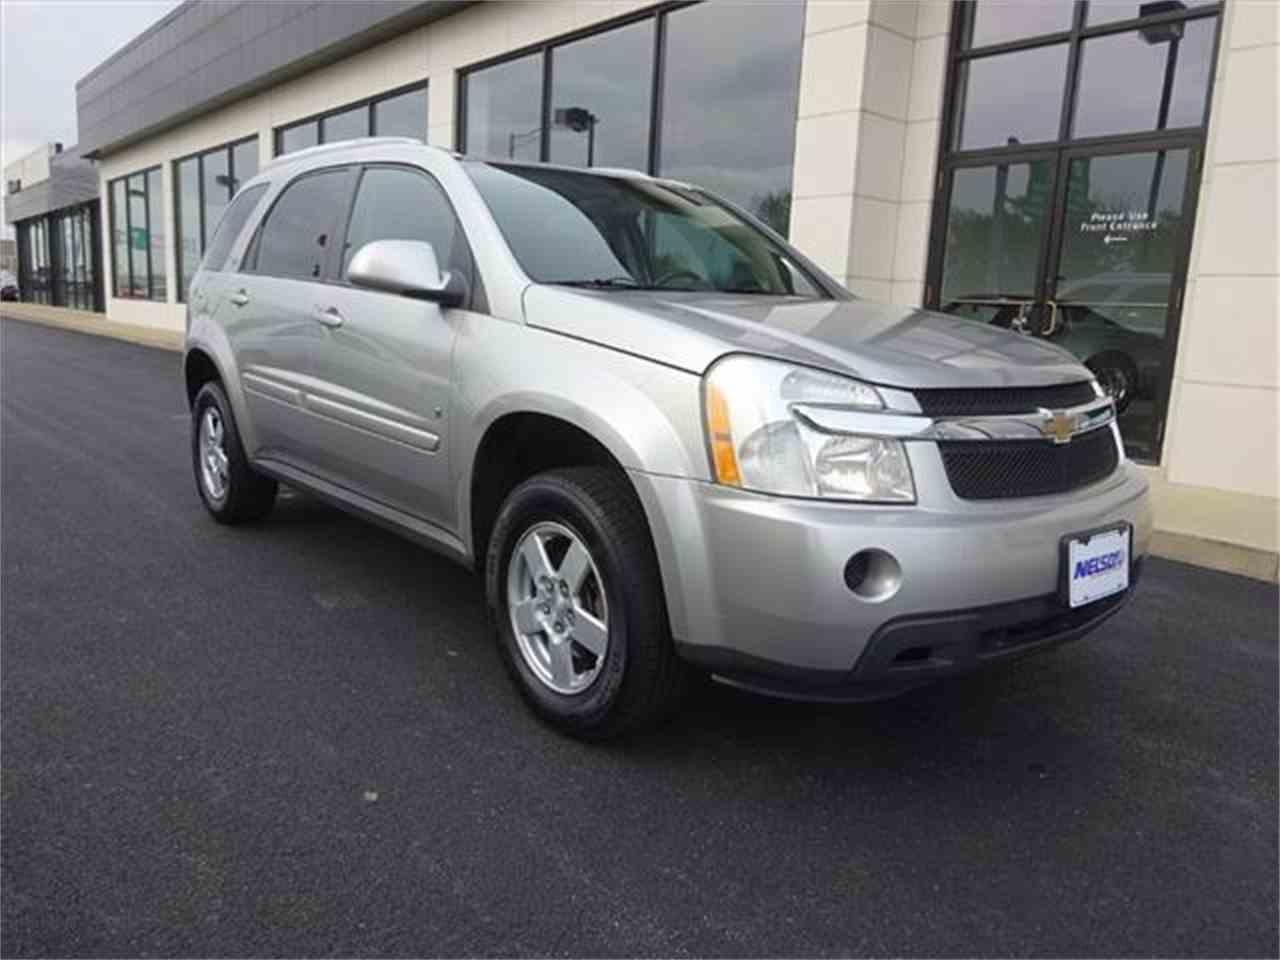 2007 Chevrolet Equinox for Sale | ClassicCars.com | CC-977709